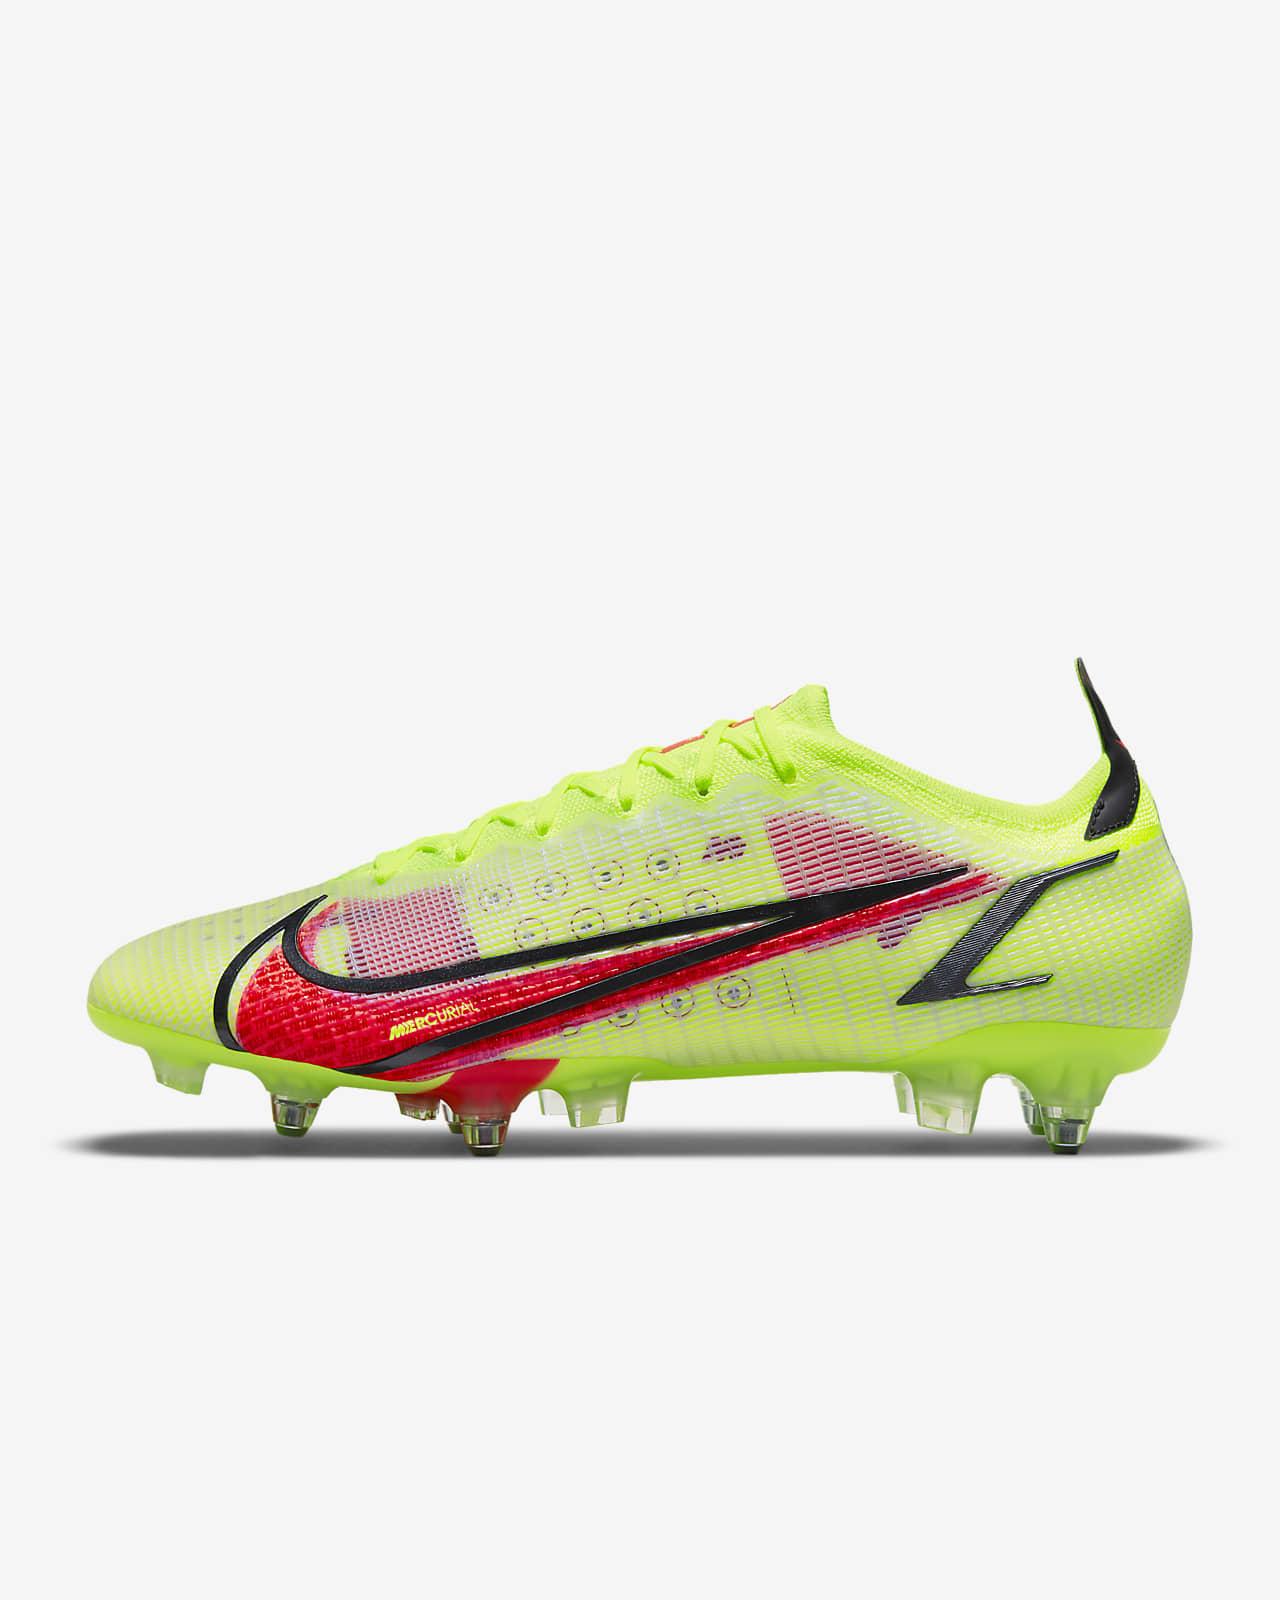 Nike Mercurial Vapor 14 Elite SG-Pro AC Fußballschuh für weichen Rasen